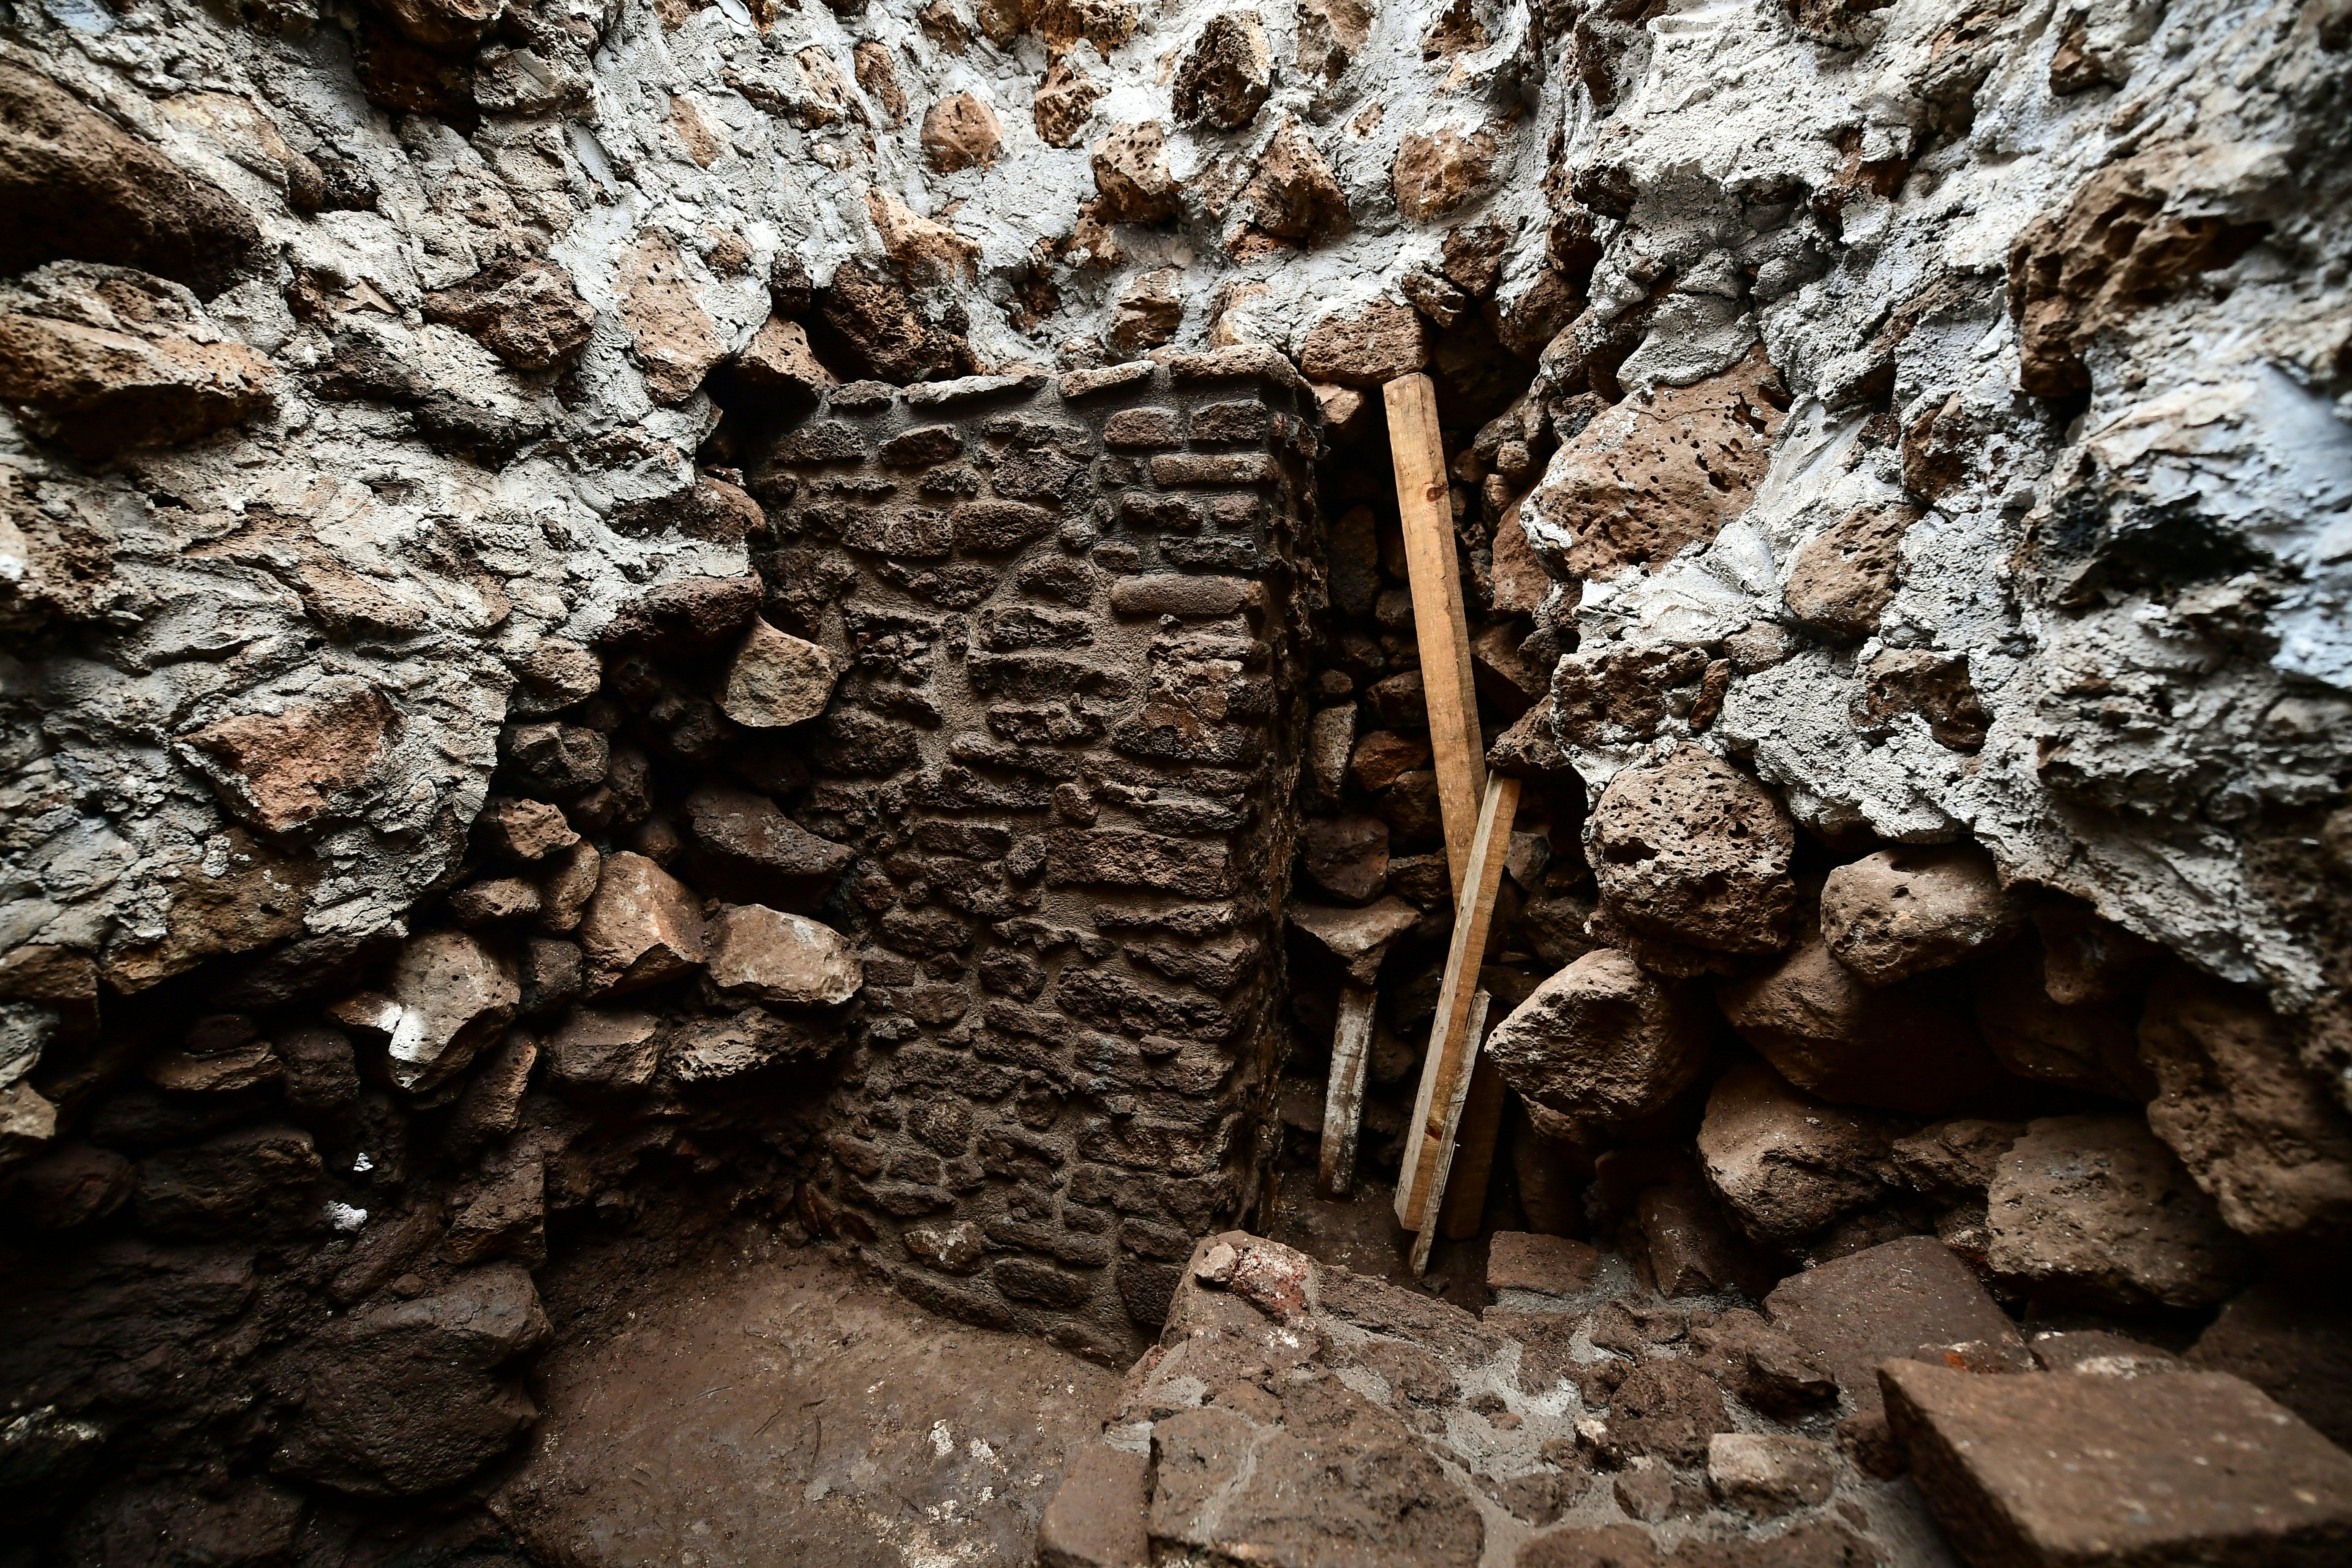 Vista del interior de la pirámide que se reveló gracias al terremoto (AFP / RONALDO SCHEMIDT)